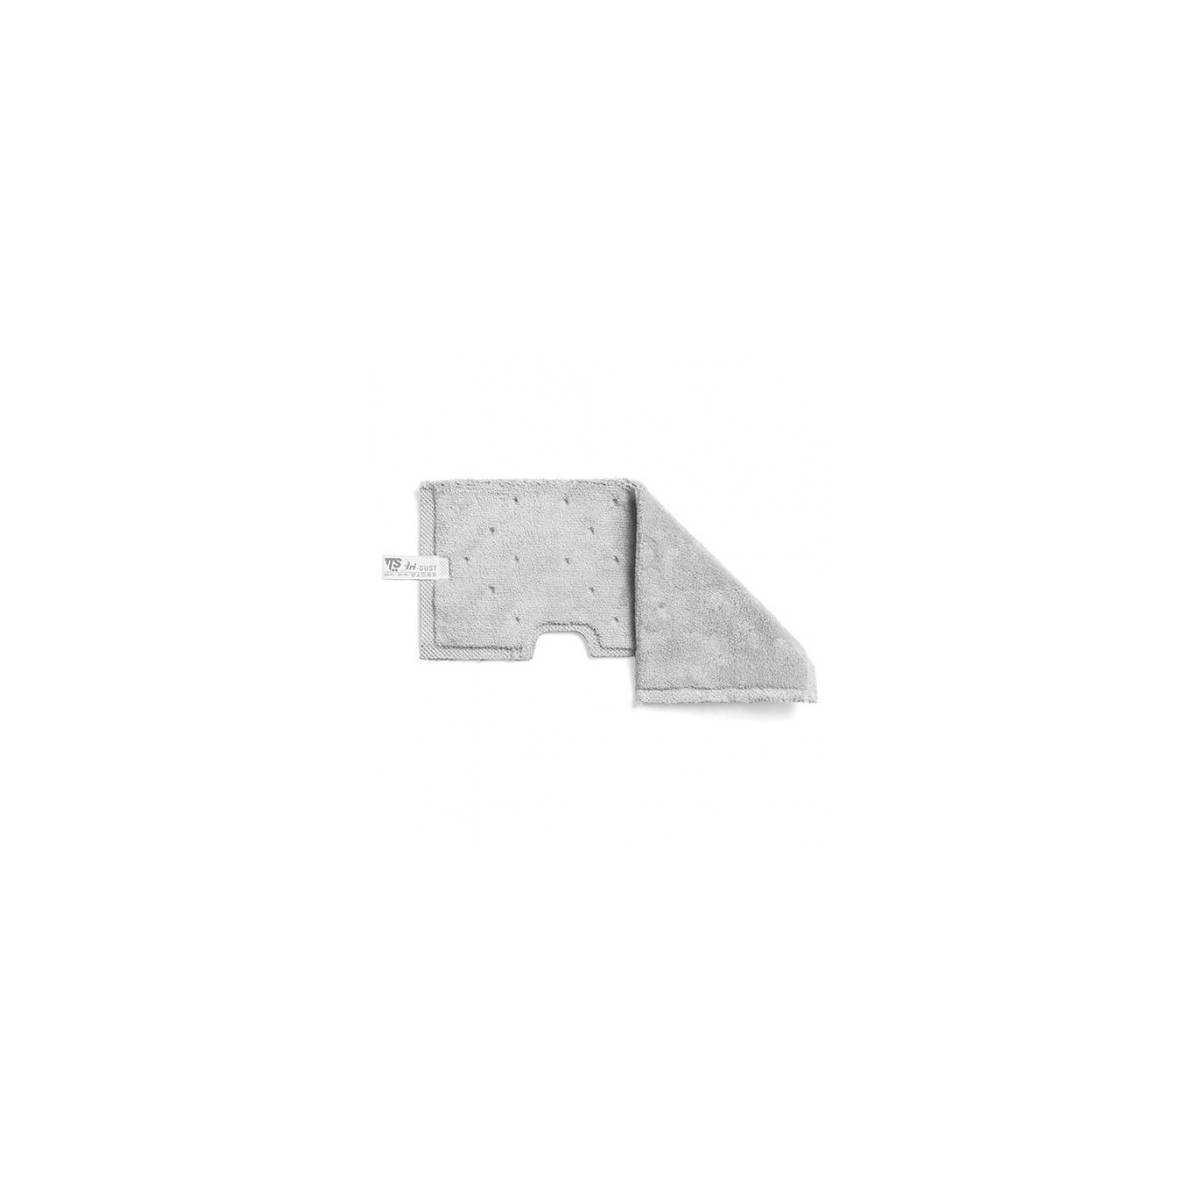 Моп Tri-Dust микрофибра 00CC9000EE TTS